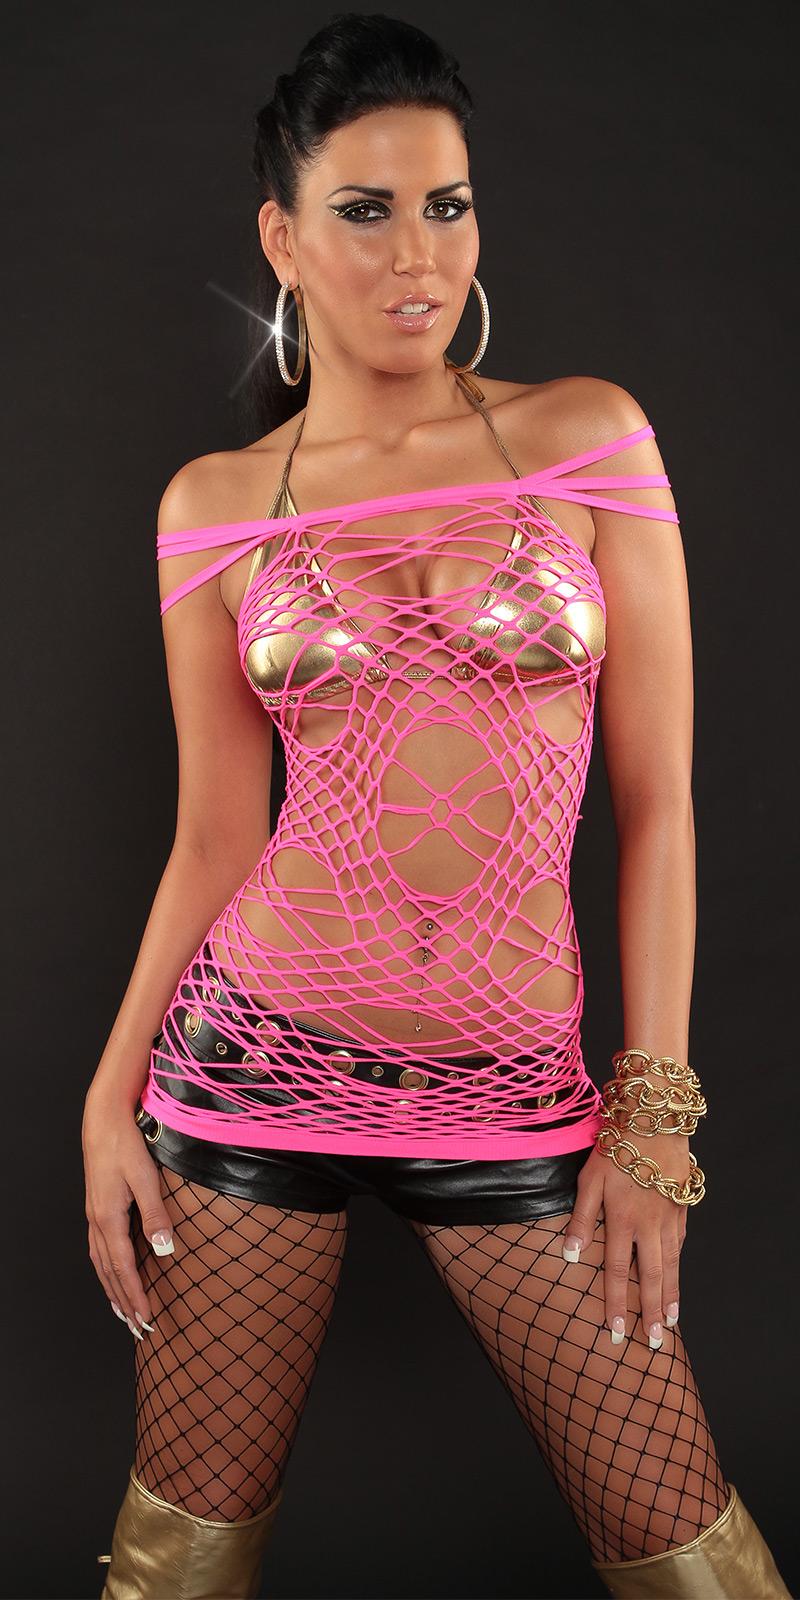 Sexy Netz-Top im Spider-Look von INstylefashion in Hot Pink